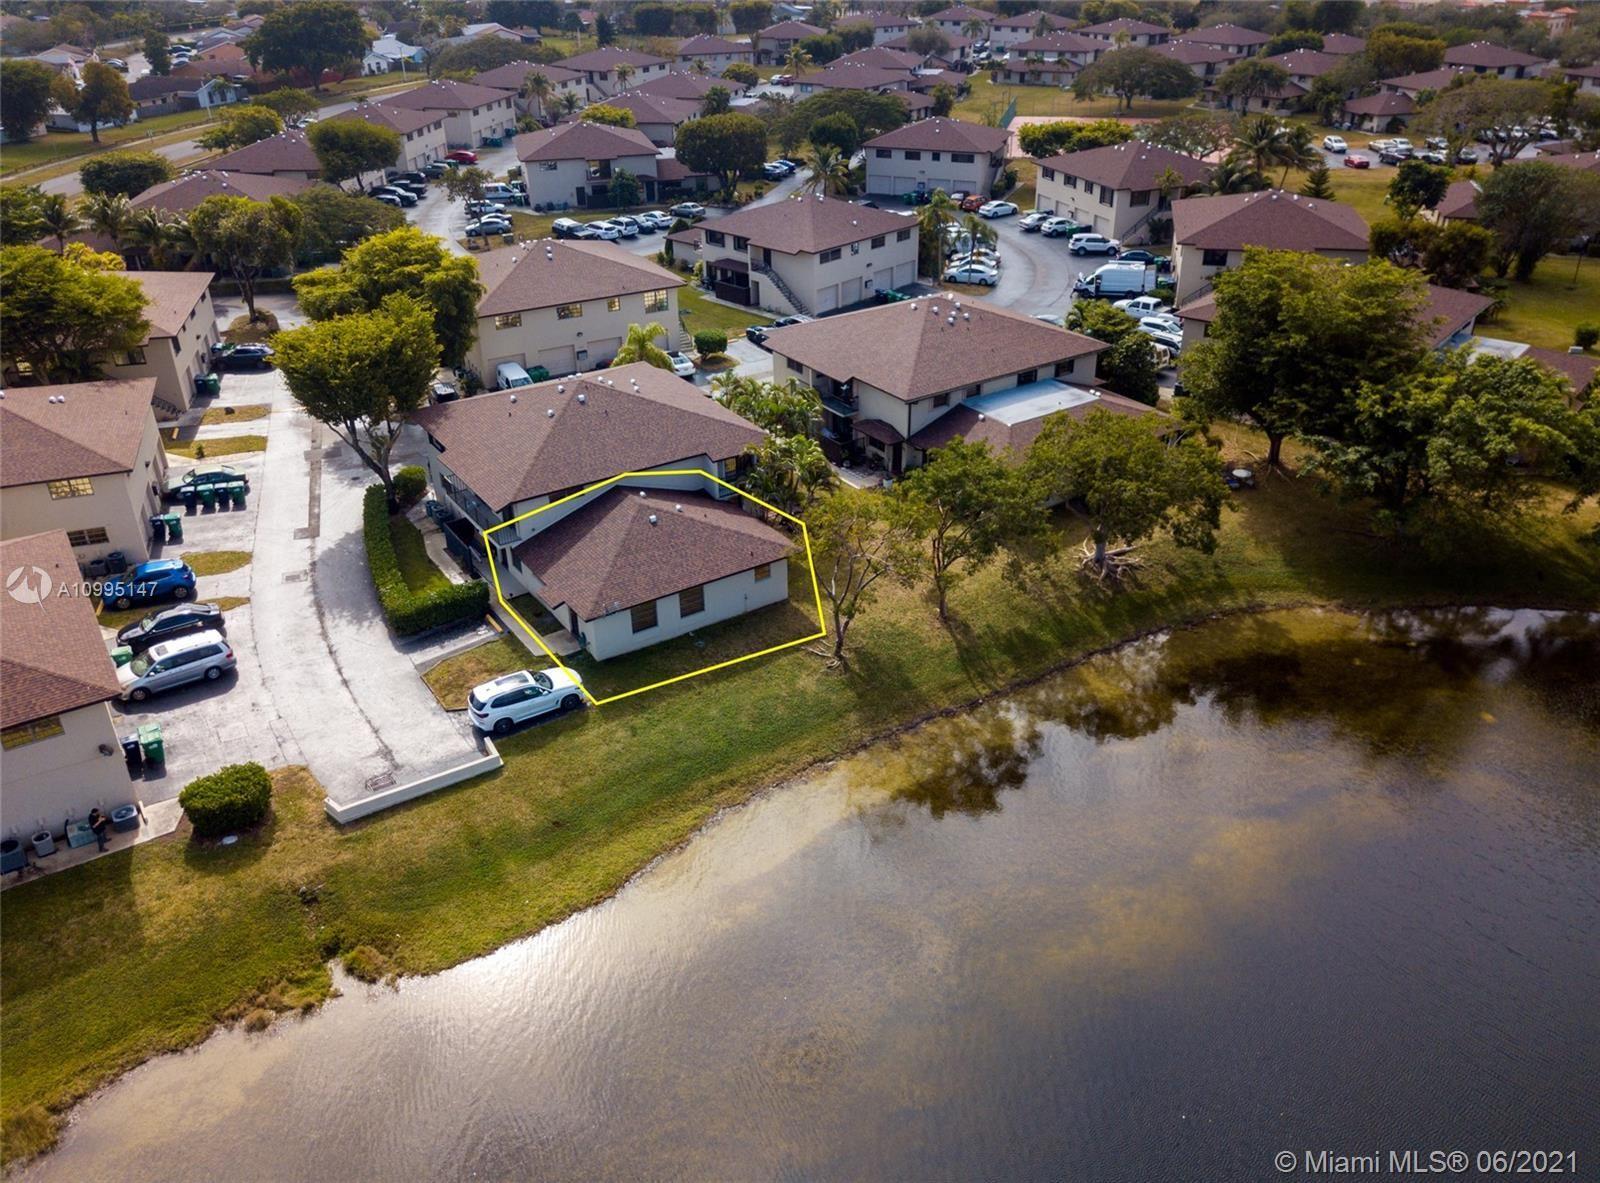 13949 SW 44th Lane Cir #541, Miami, FL 33175 - #: A10995147